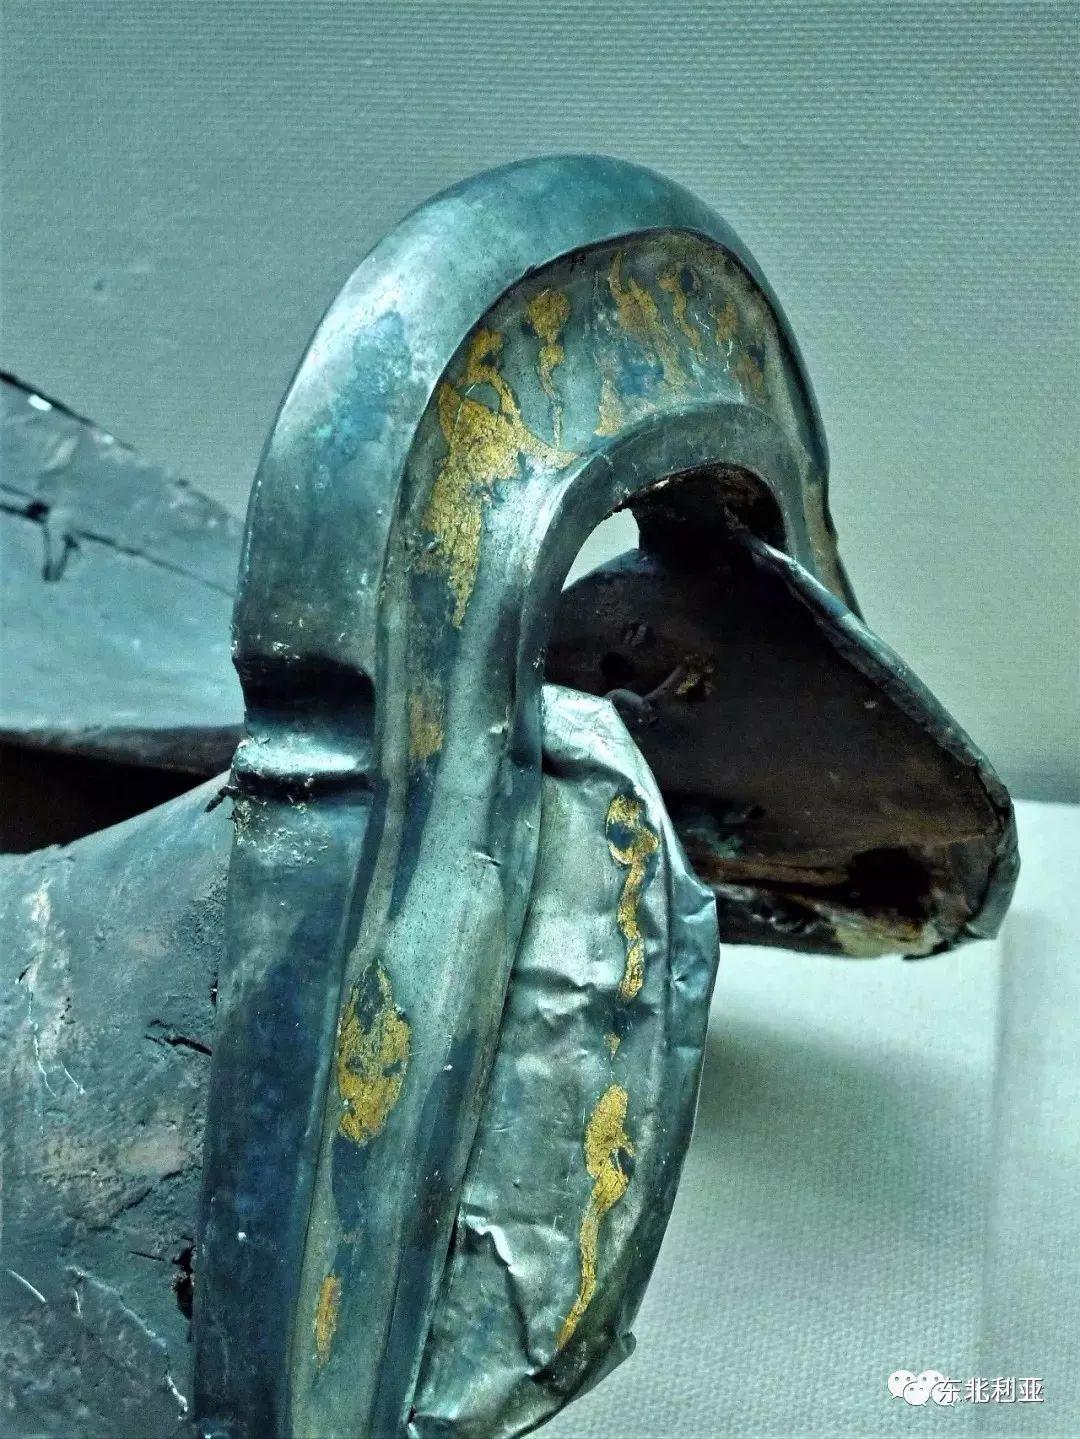 图集丨辽元时期的豪华马鞍与装饰 第6张